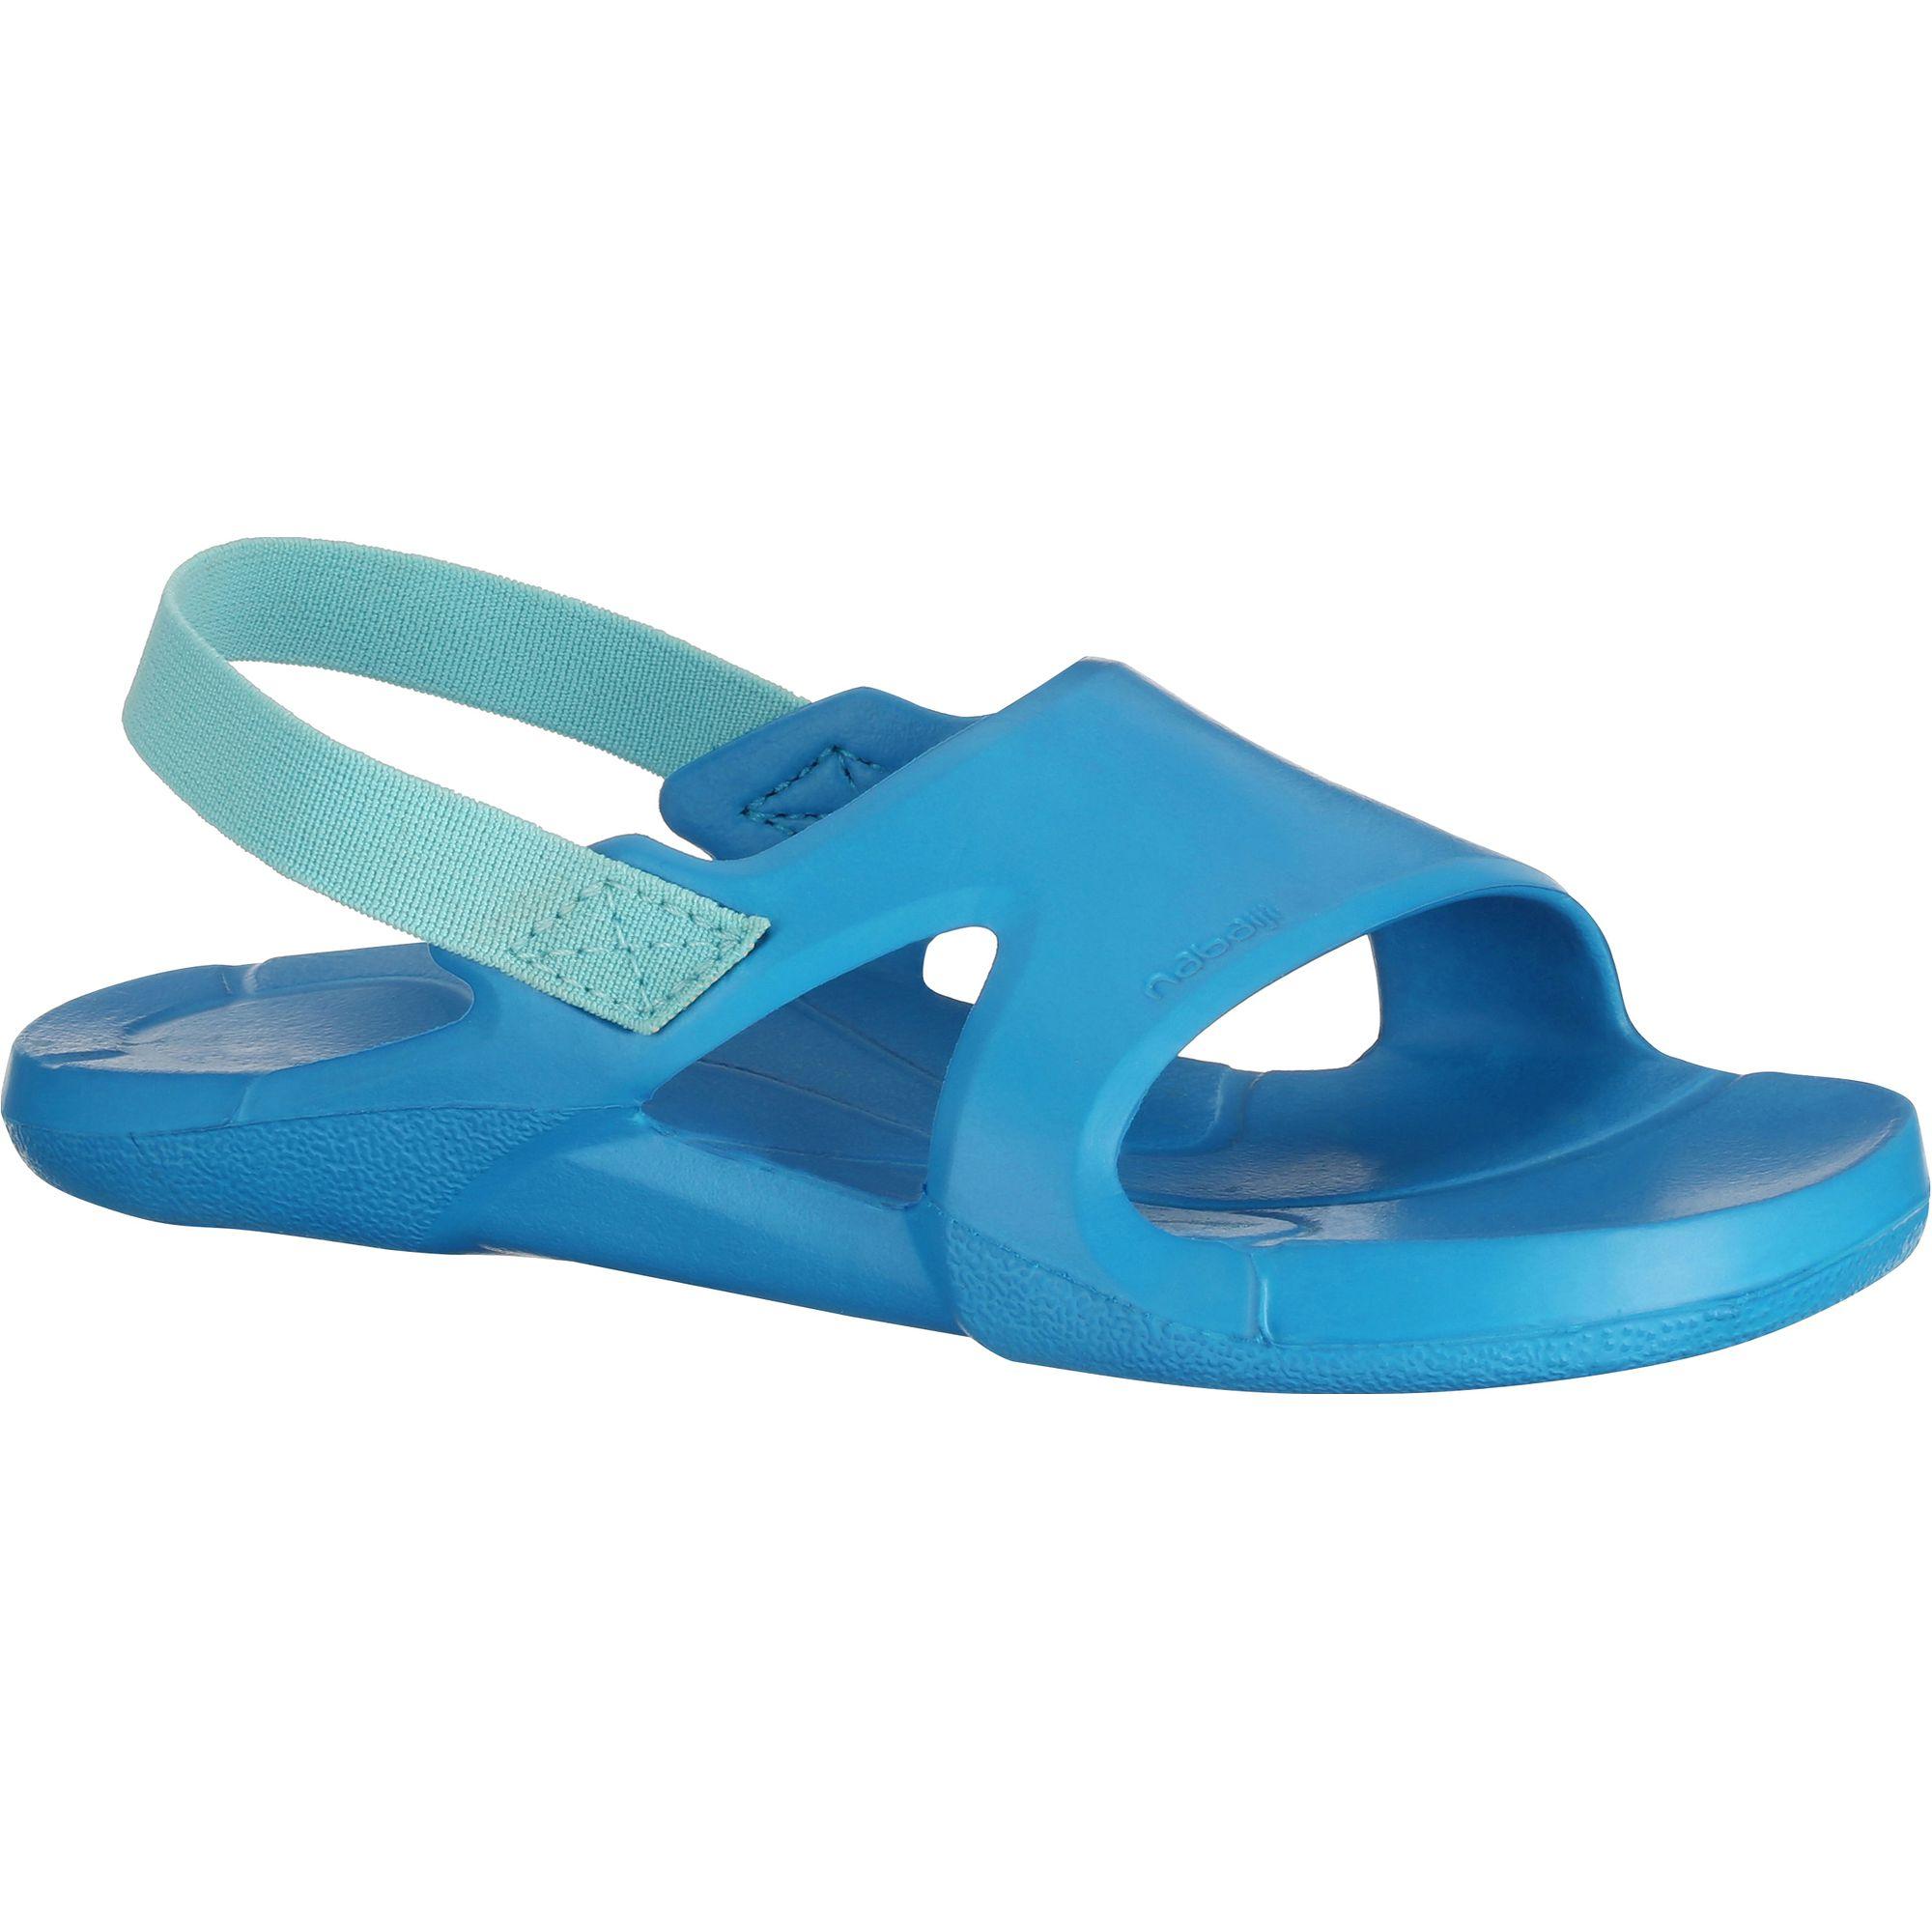 Sandale natation garcon bleu clubs collectivit s for Chausson pour piscine